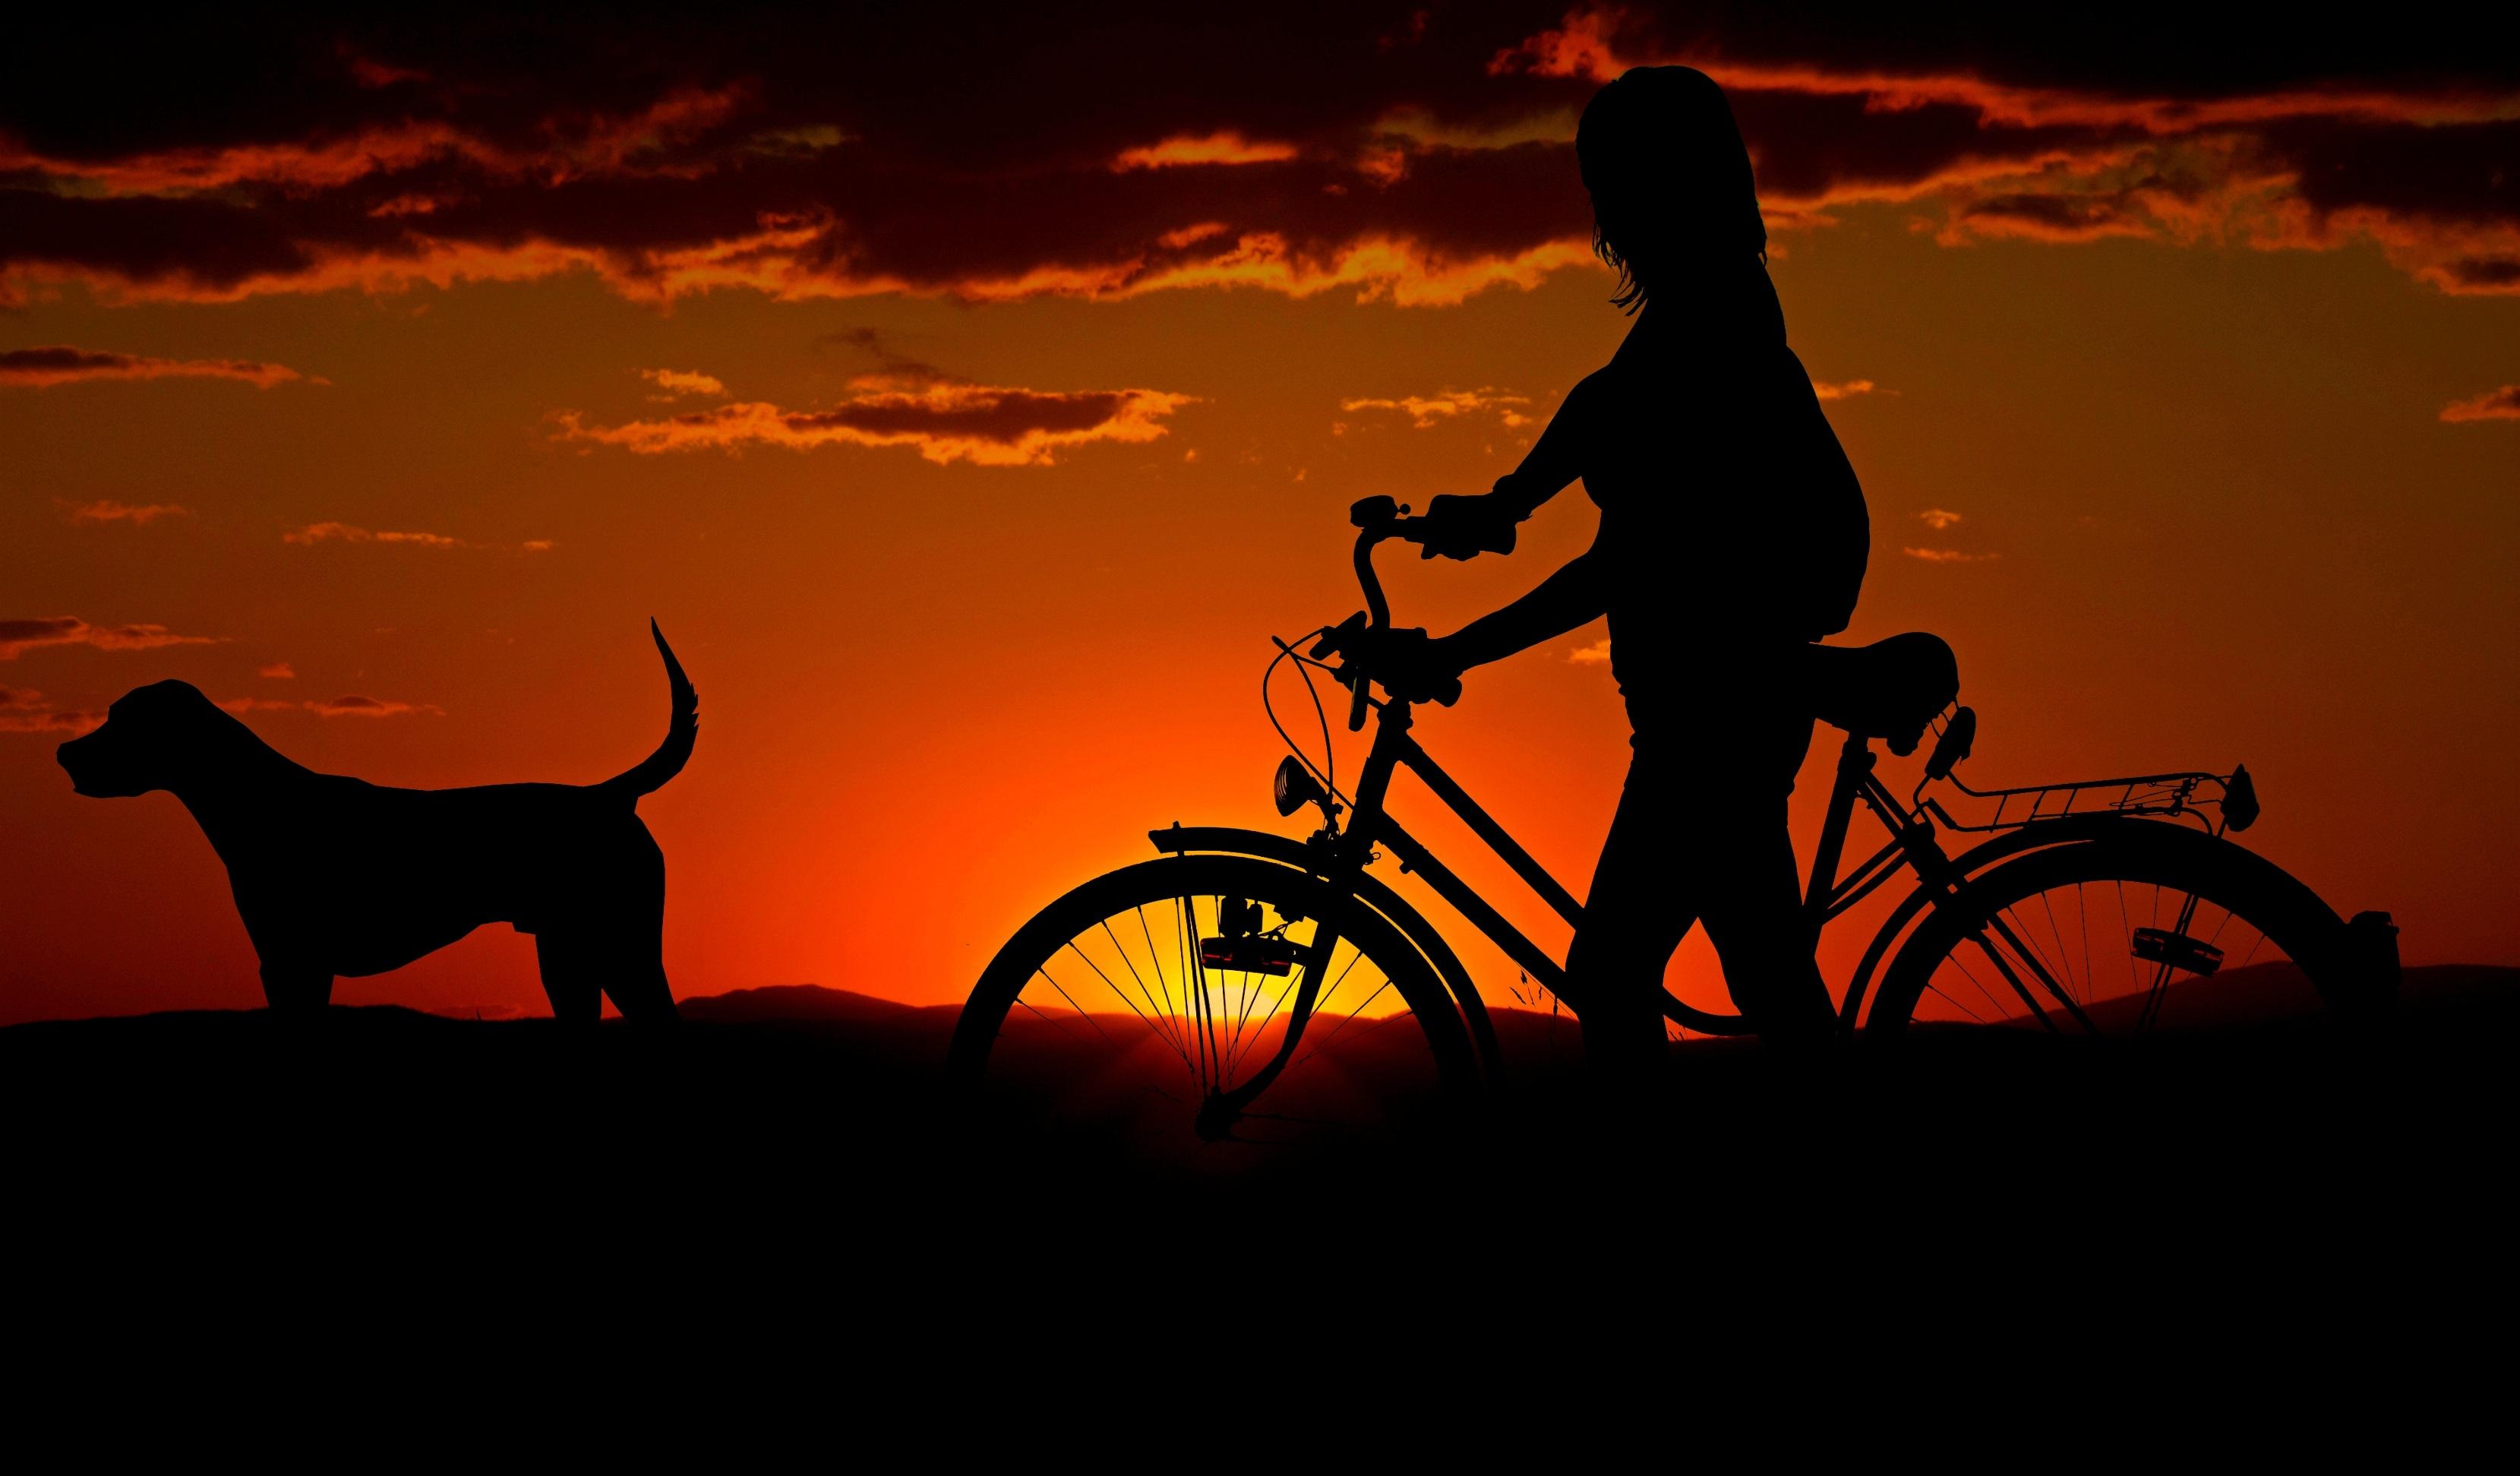 2048x2048 Anthem Ipad Air Hd 4k Wallpapers Images: 2048x2048 Girl Cycle Dog Morning Walk Ipad Air HD 4k